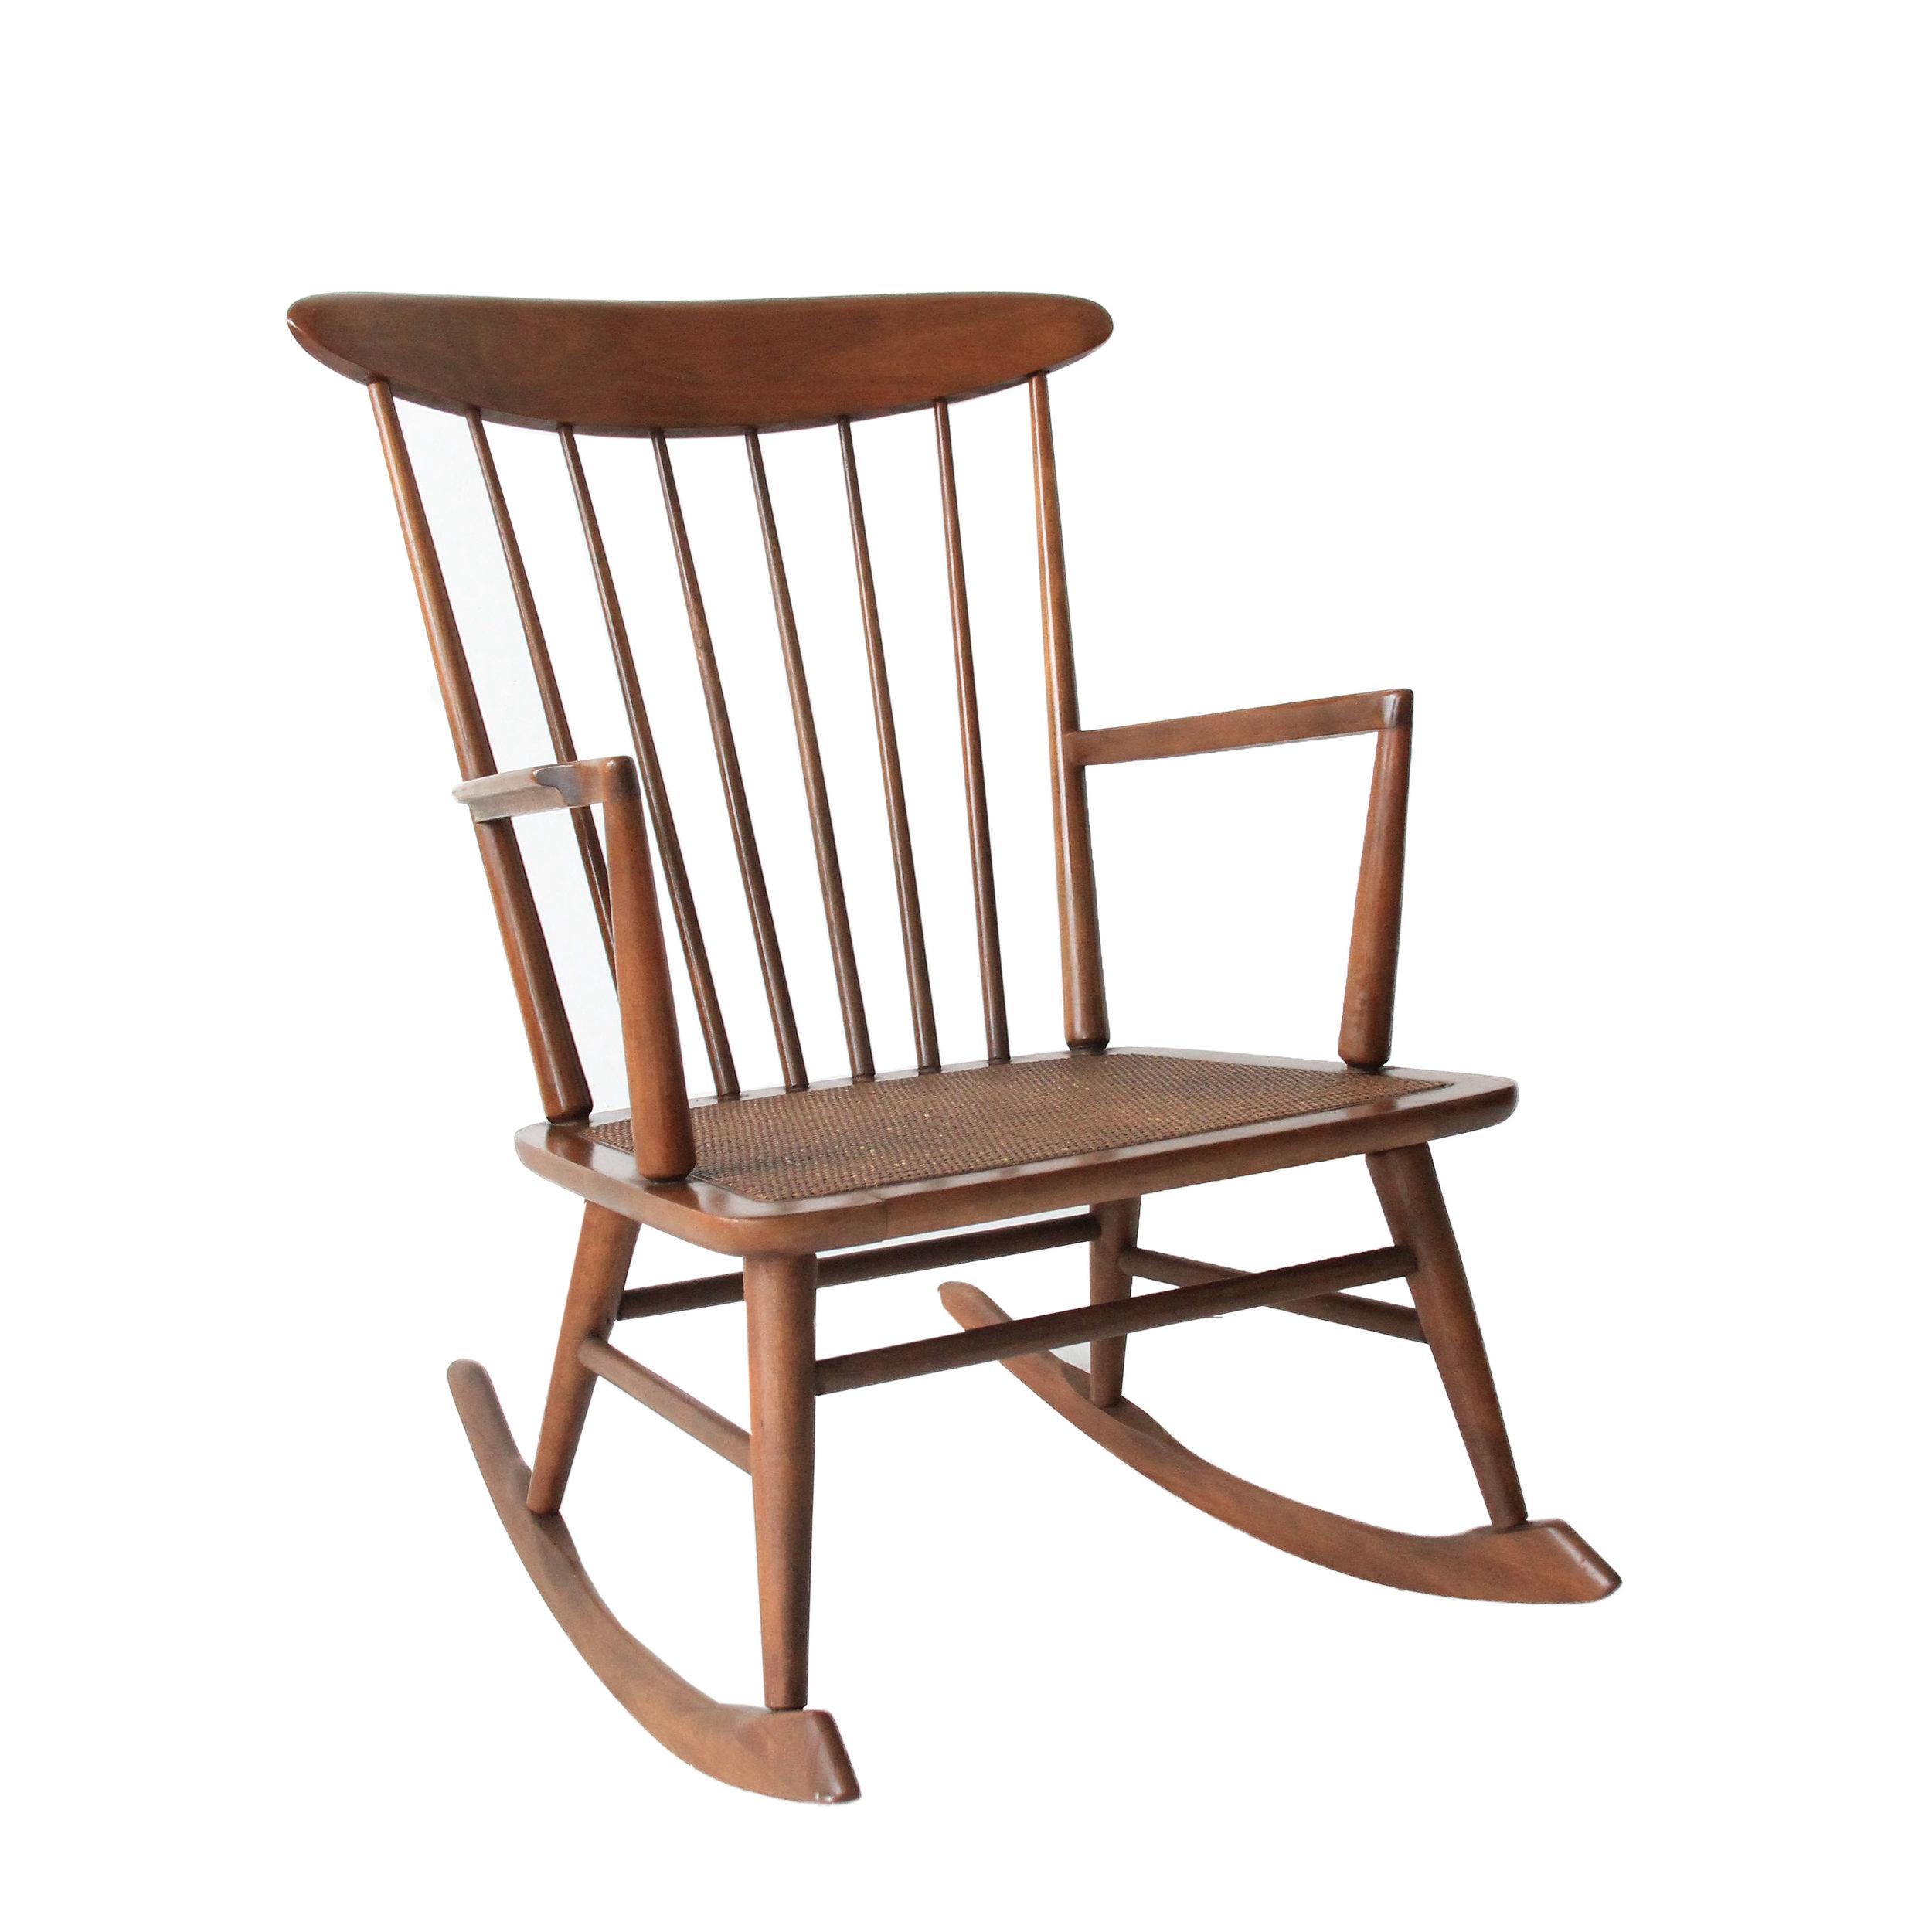 Vintage Mid Century Modern Rocking Chair